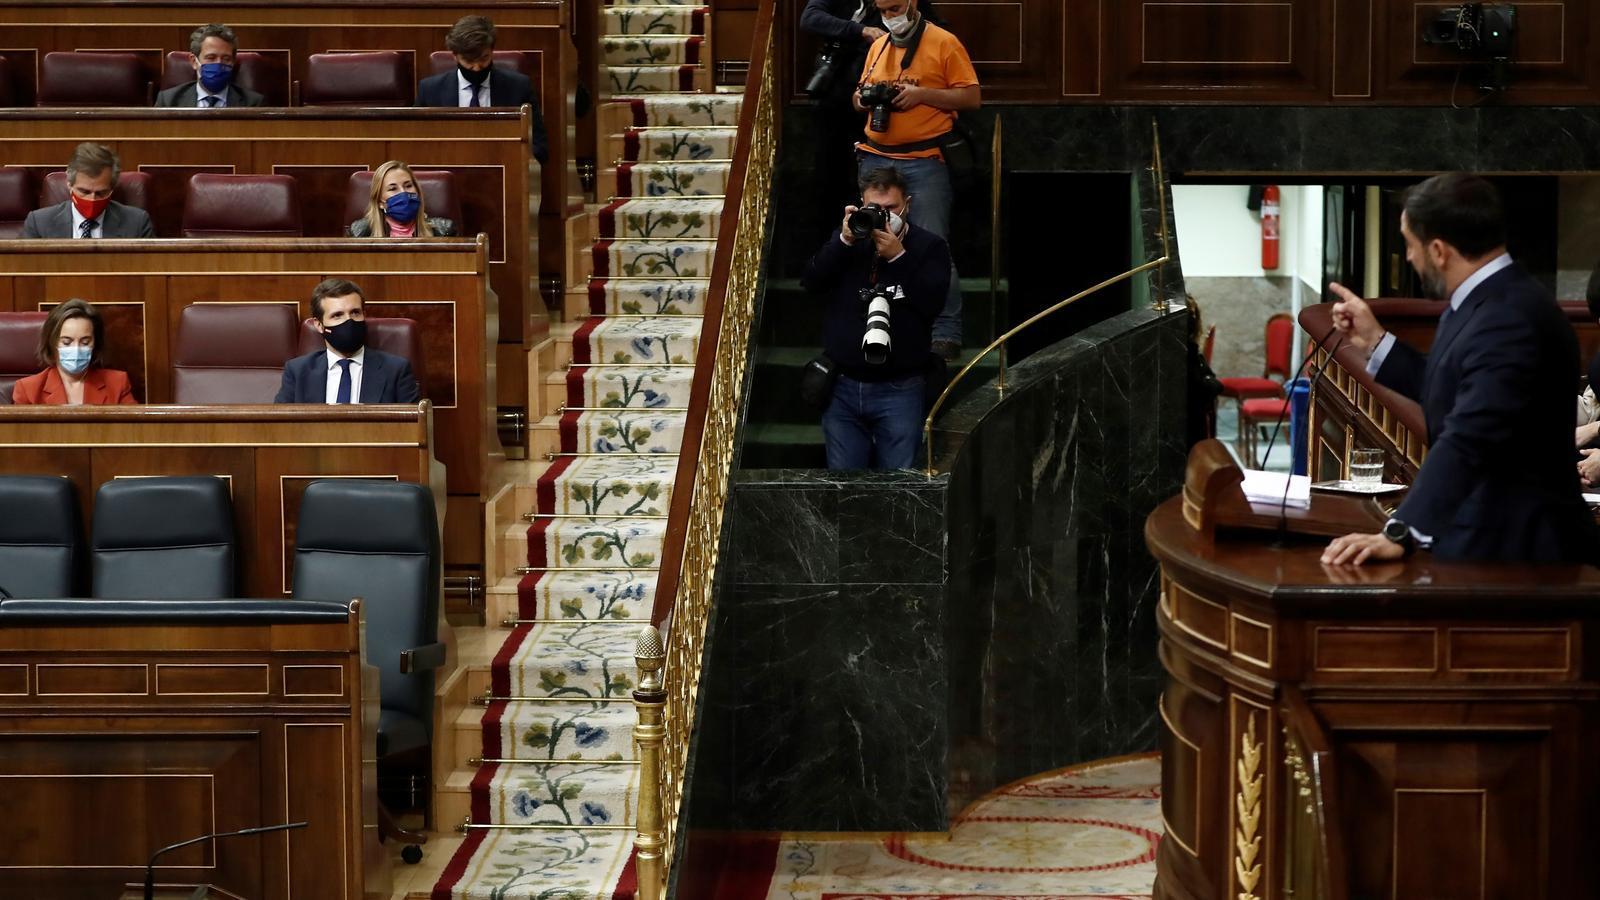 La moción fallida de Vox escenifica el divorcio de la derecha española